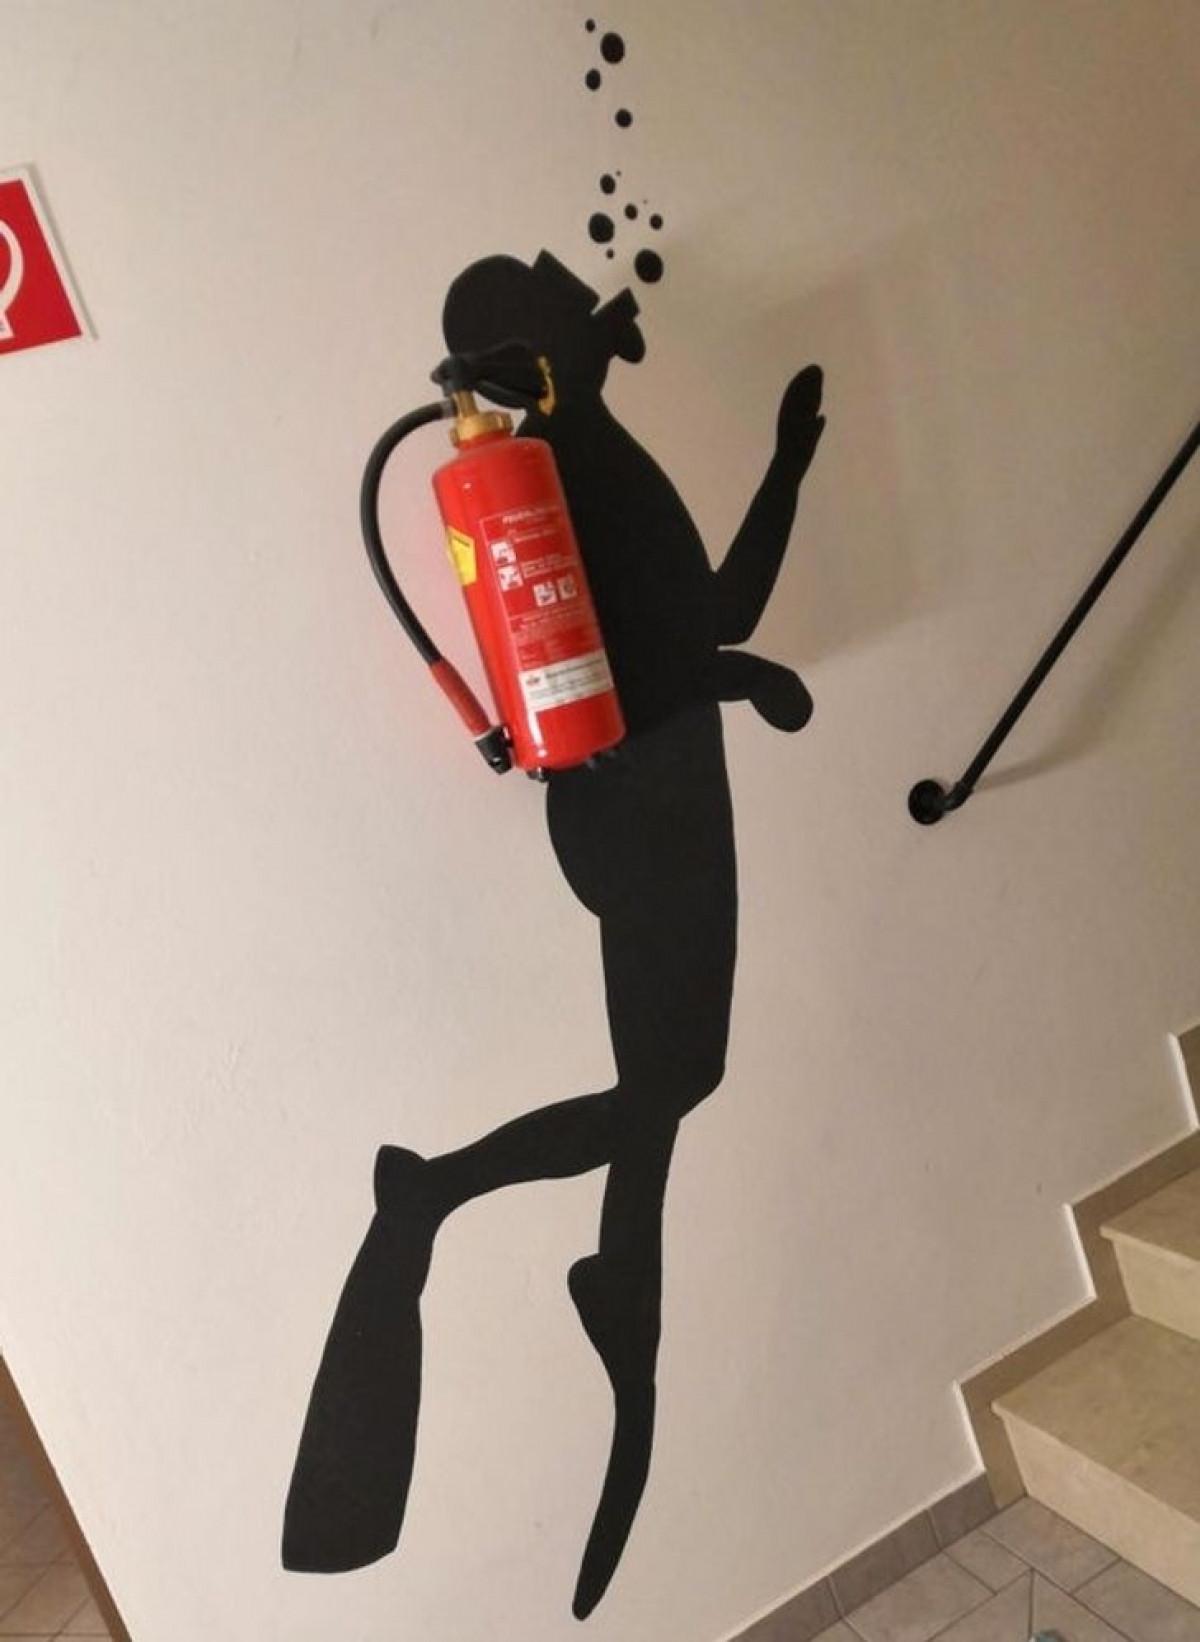 Kiếm một chỗ treo bình cứu hỏa cũng không quá khó và không quá xấu nếu bạn có óc sáng tạo. Một hình vẽ trên tường cũng có thể tạo ra một ấn tượng độc đáo và một trải nghiệm đẹp cho một thiết bị tưởng chừng khá thô, cứng.